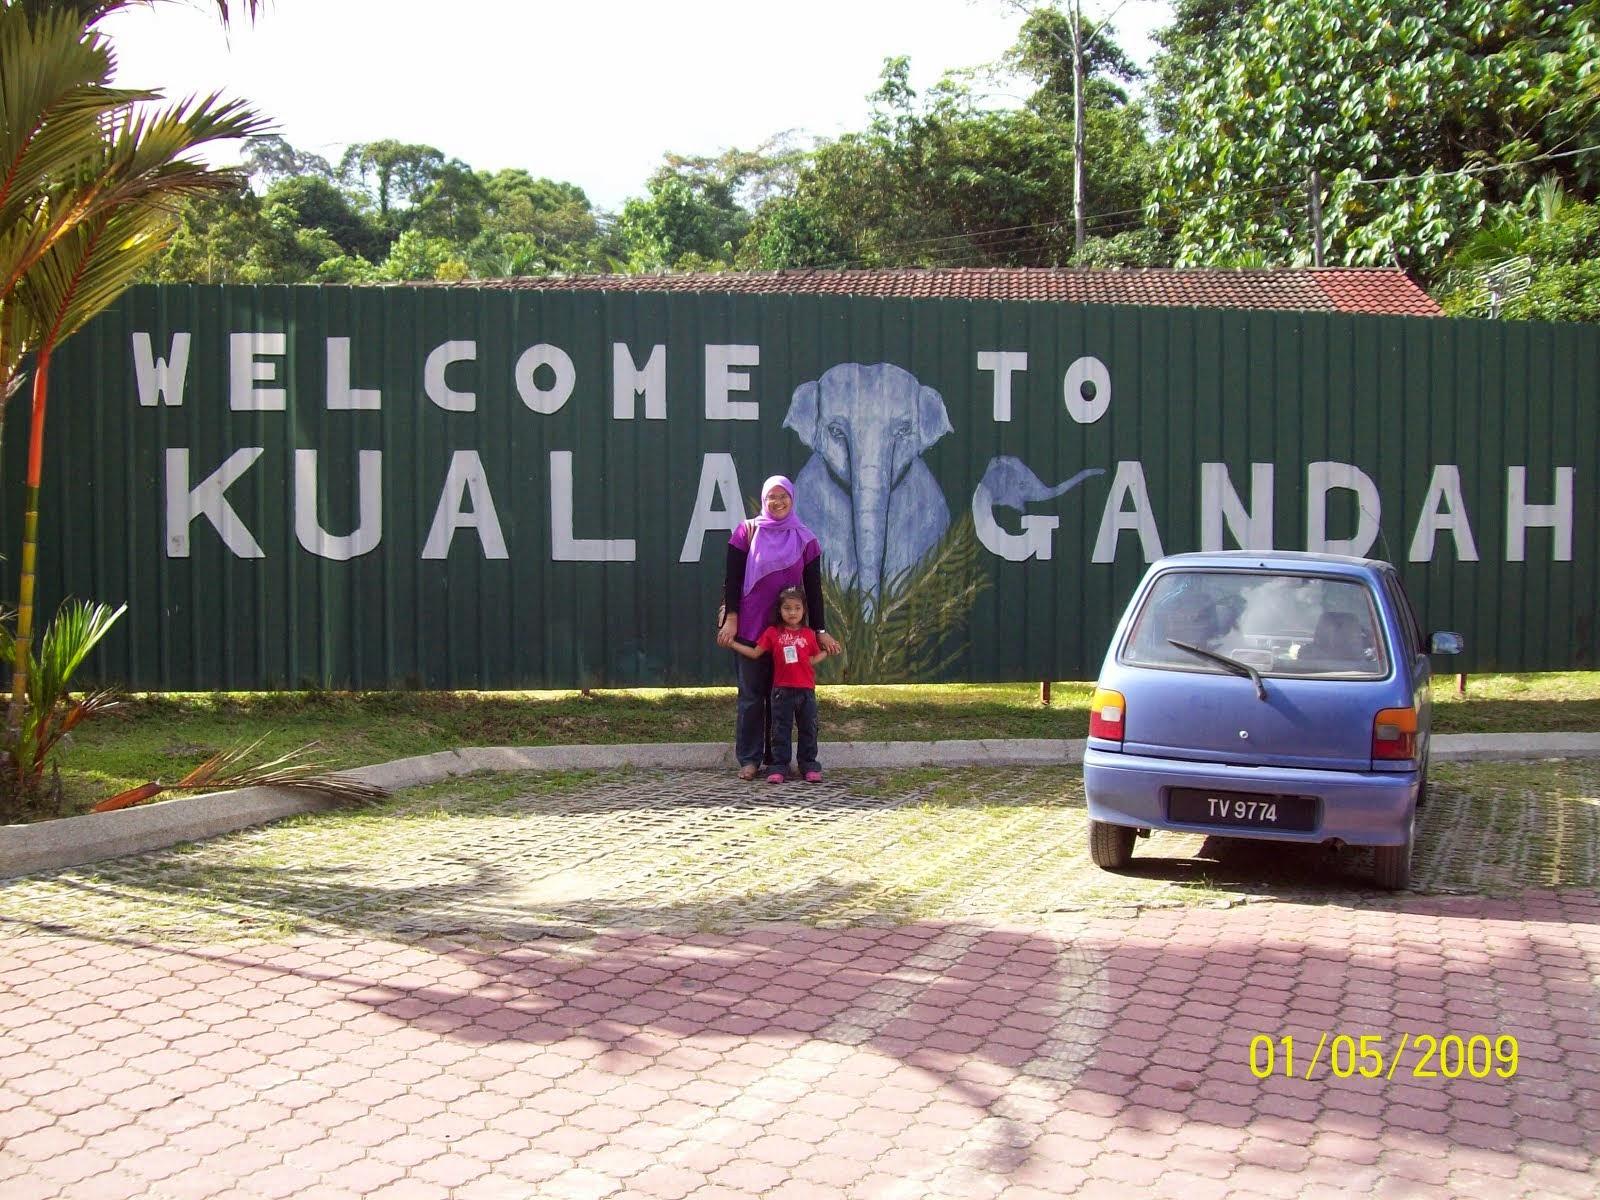 Kuala Gandah, Pahang 2009